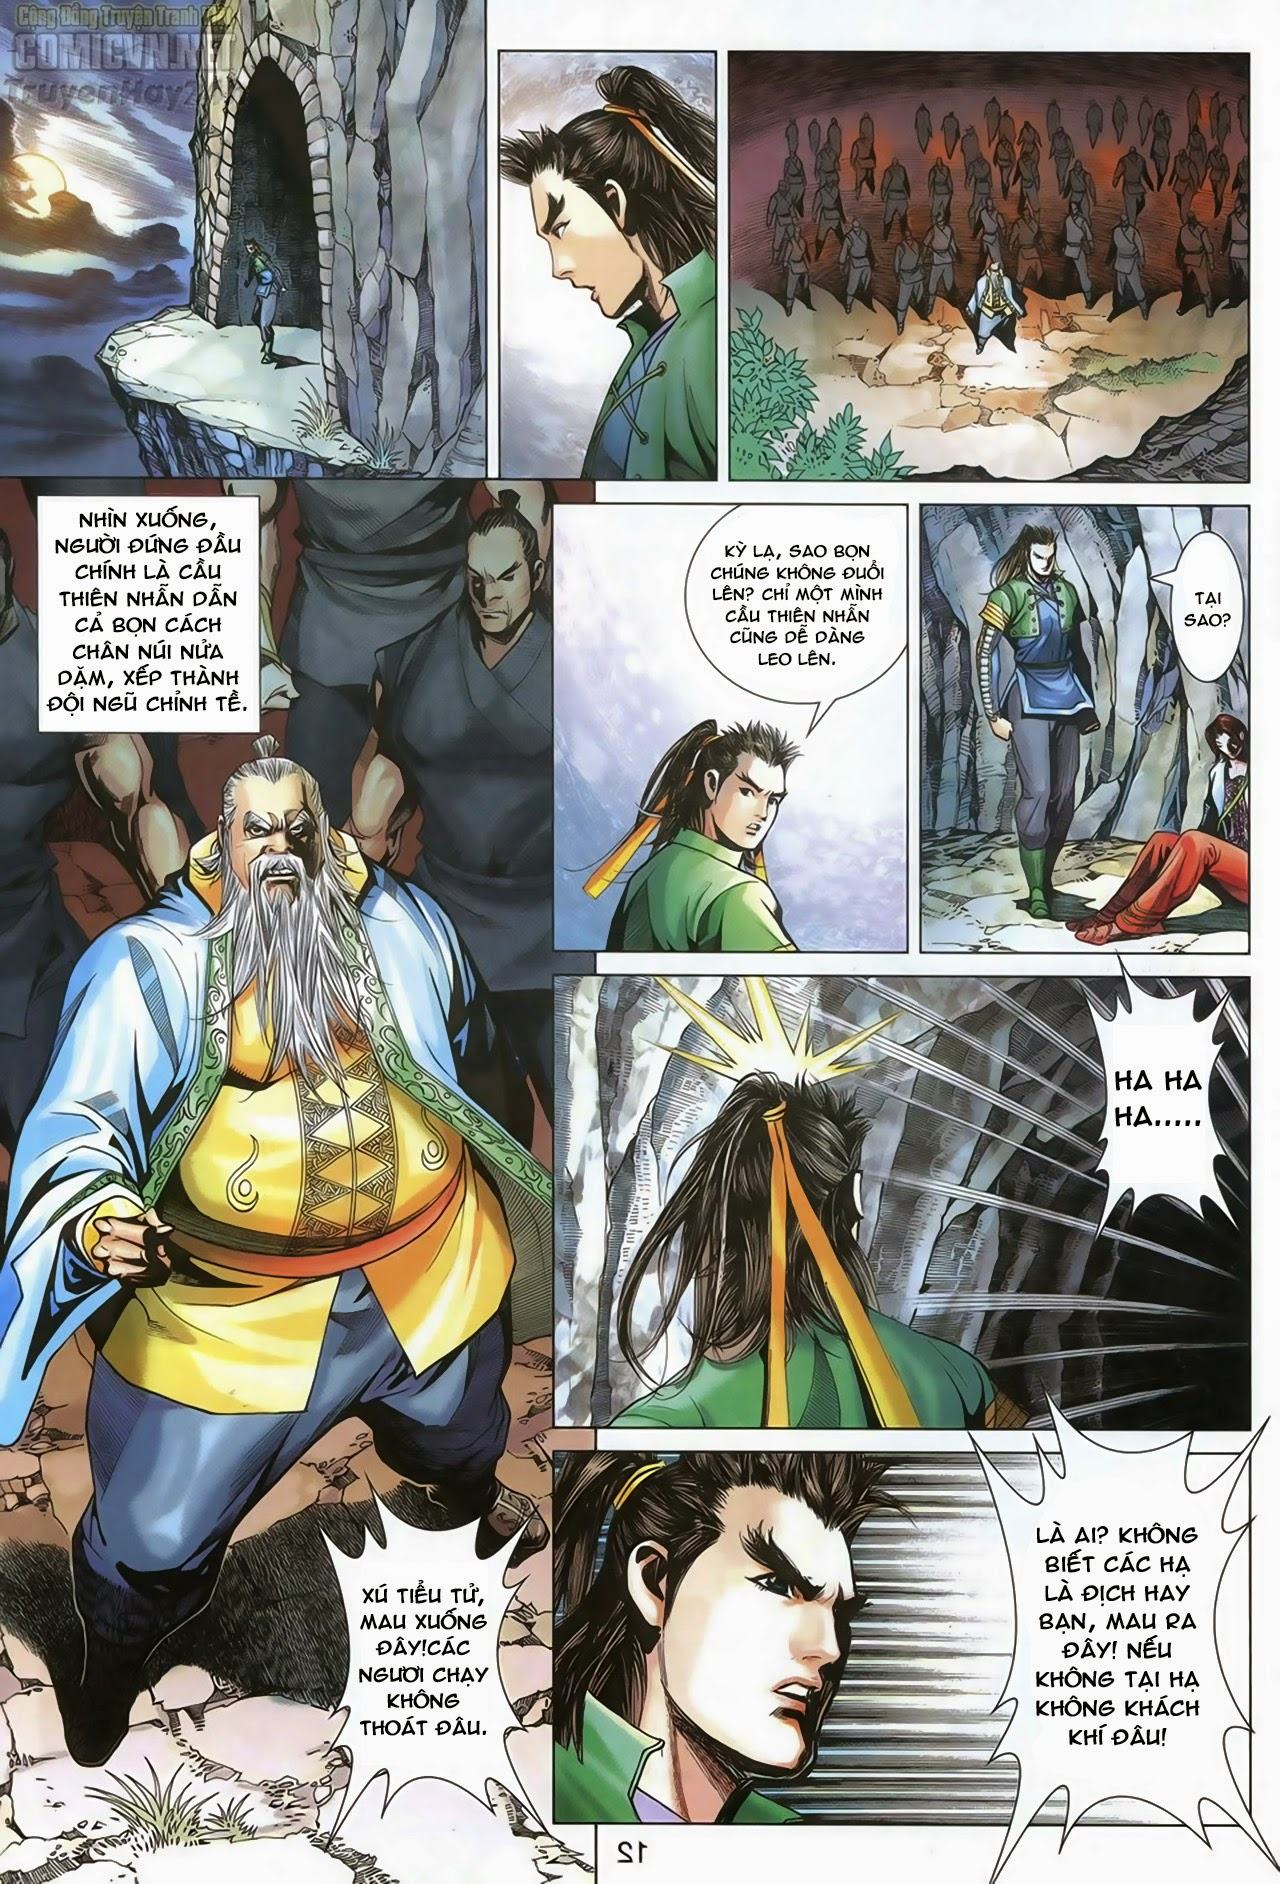 Anh Hùng Xạ Điêu anh hùng xạ đêu chap 69: hồn đoạn thiết chưởng phong trang 13